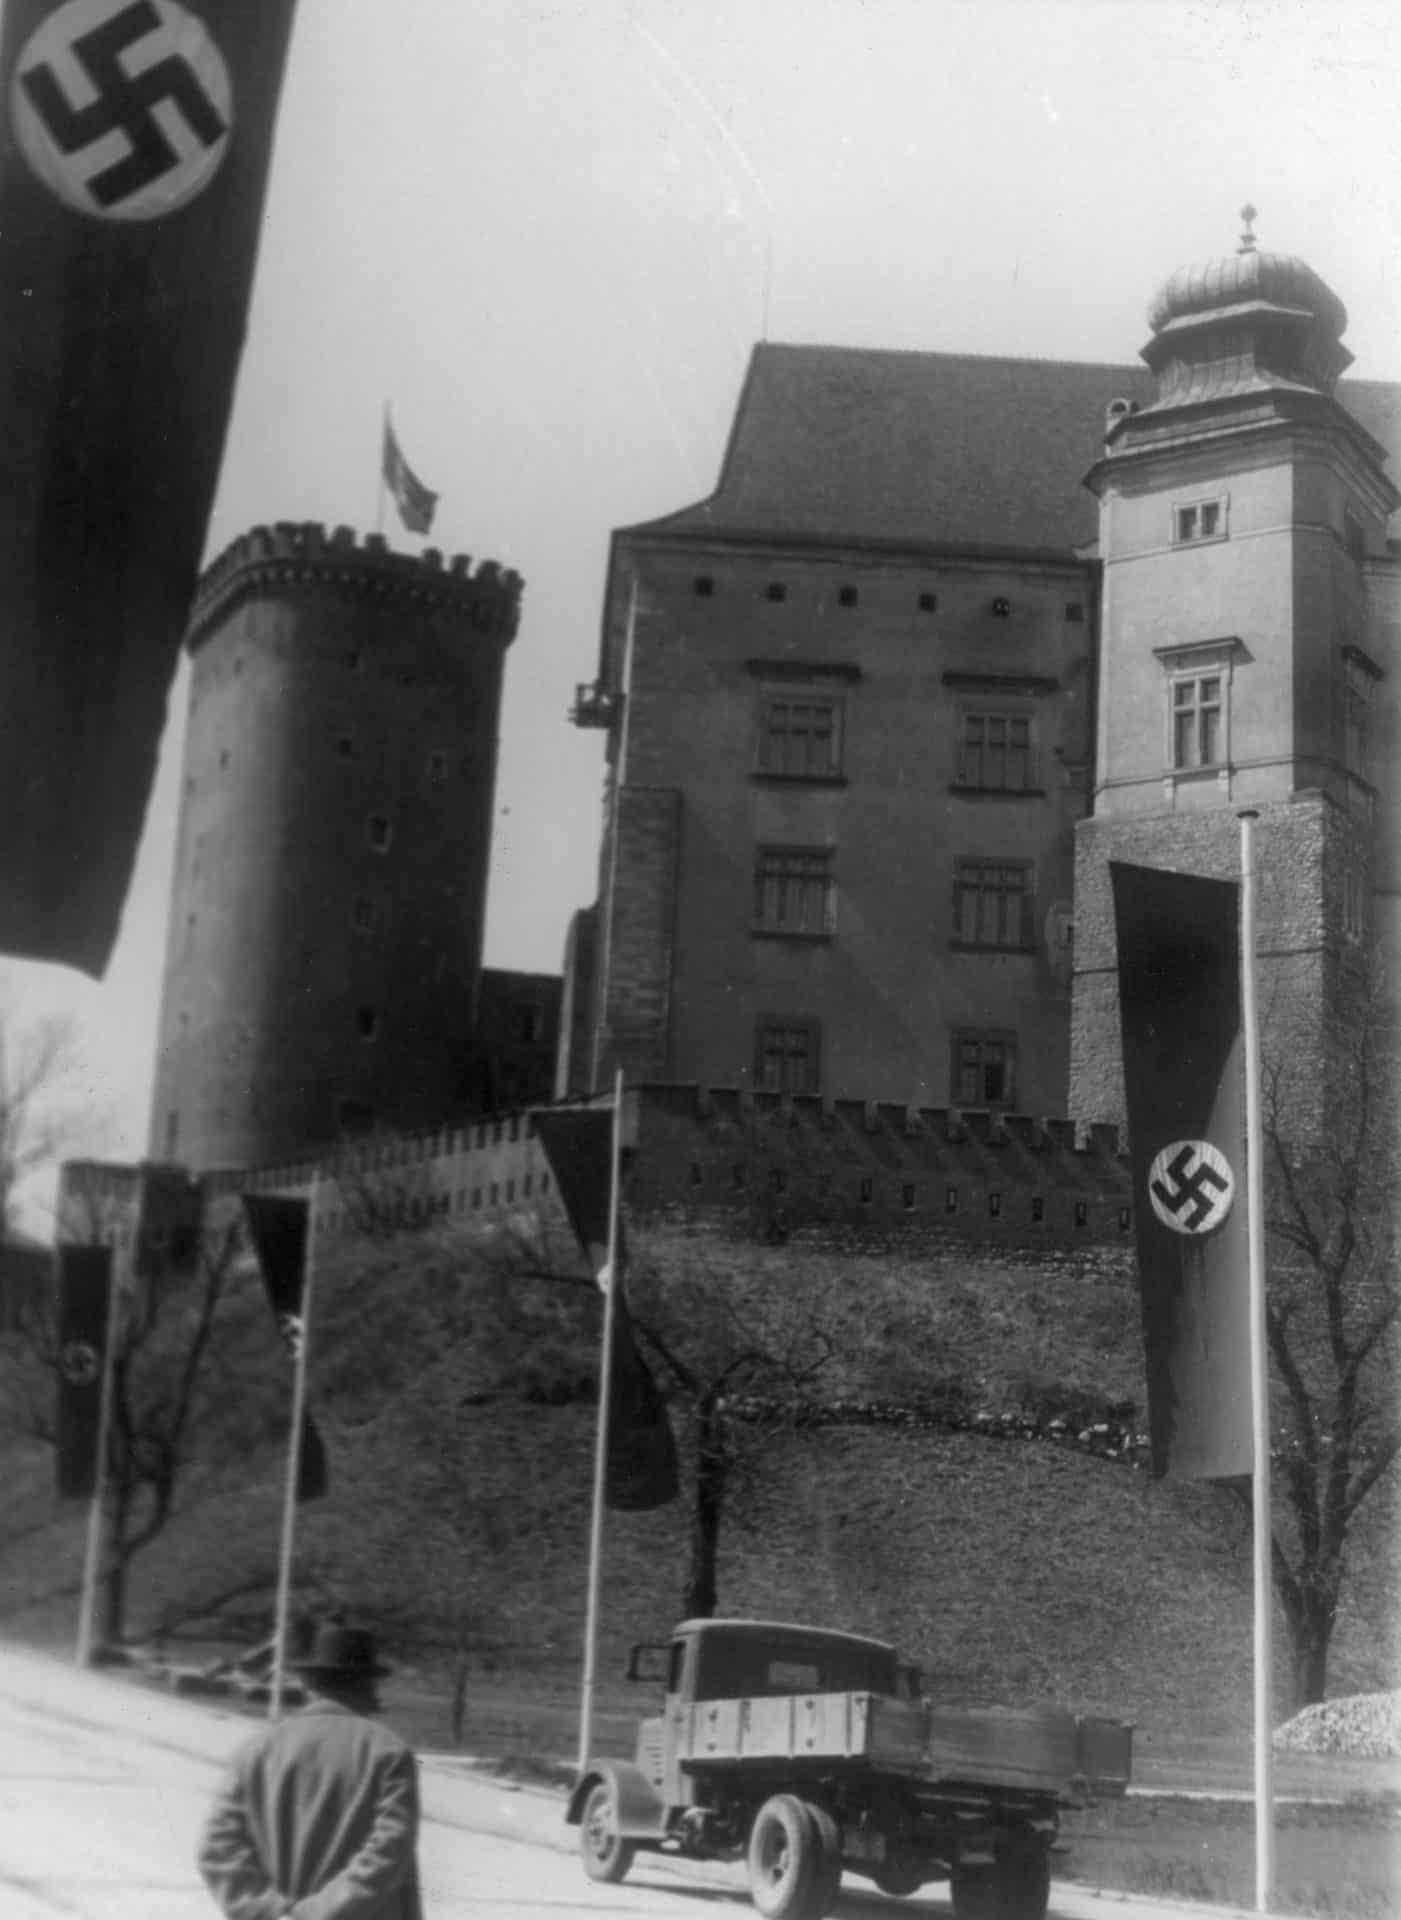 Wawel w czasie okupacji. Źródło: Narodowe Archiwum Cyfrowe. Niemiecka okupacja w Krakowie